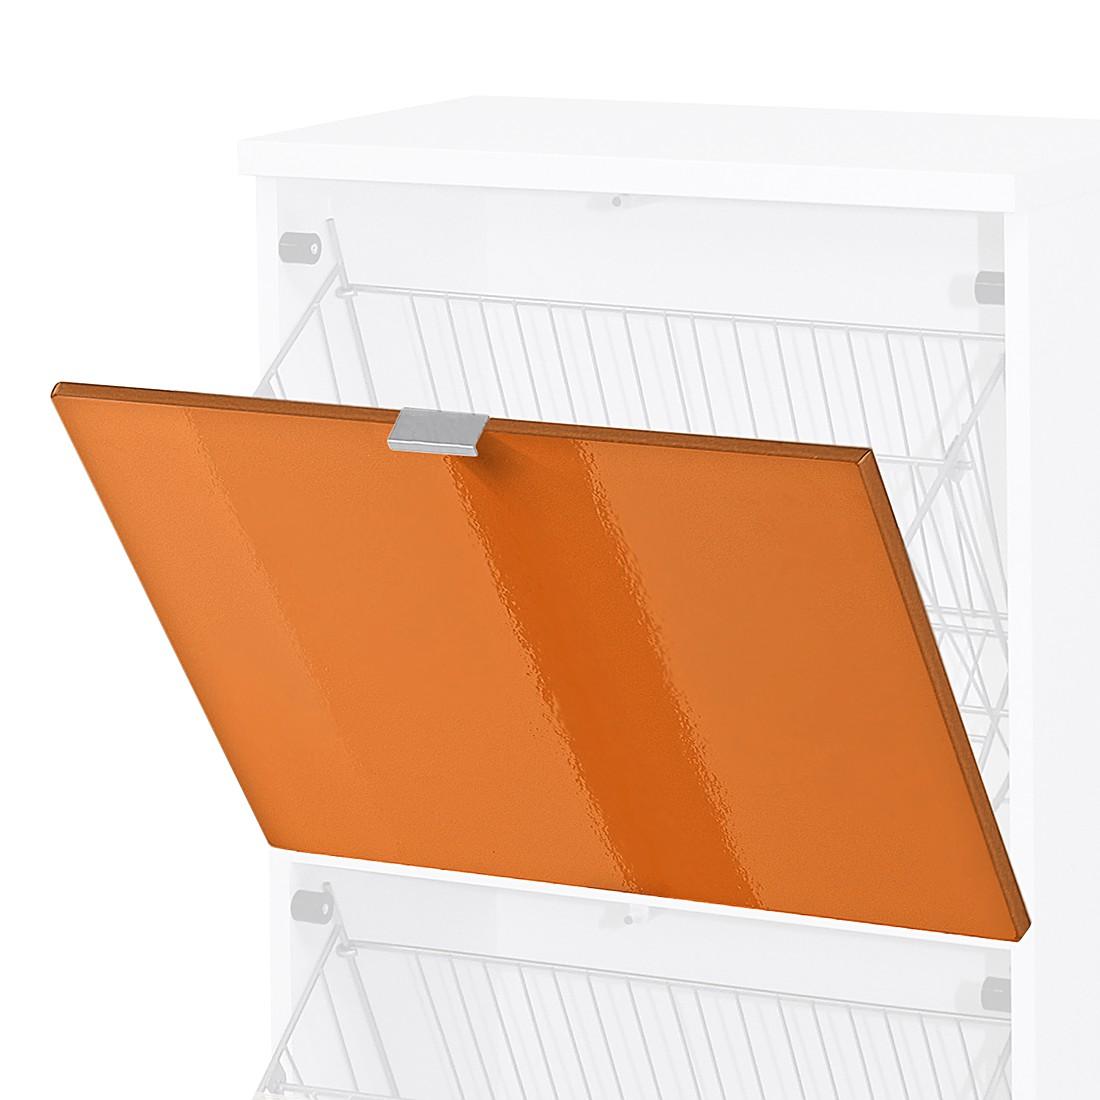 Top Square Sportello A Ribalta Colorado Arancione Lucido Top Square #B7500E 1100 1100 Idee X Arredare Una Cucina Piccola